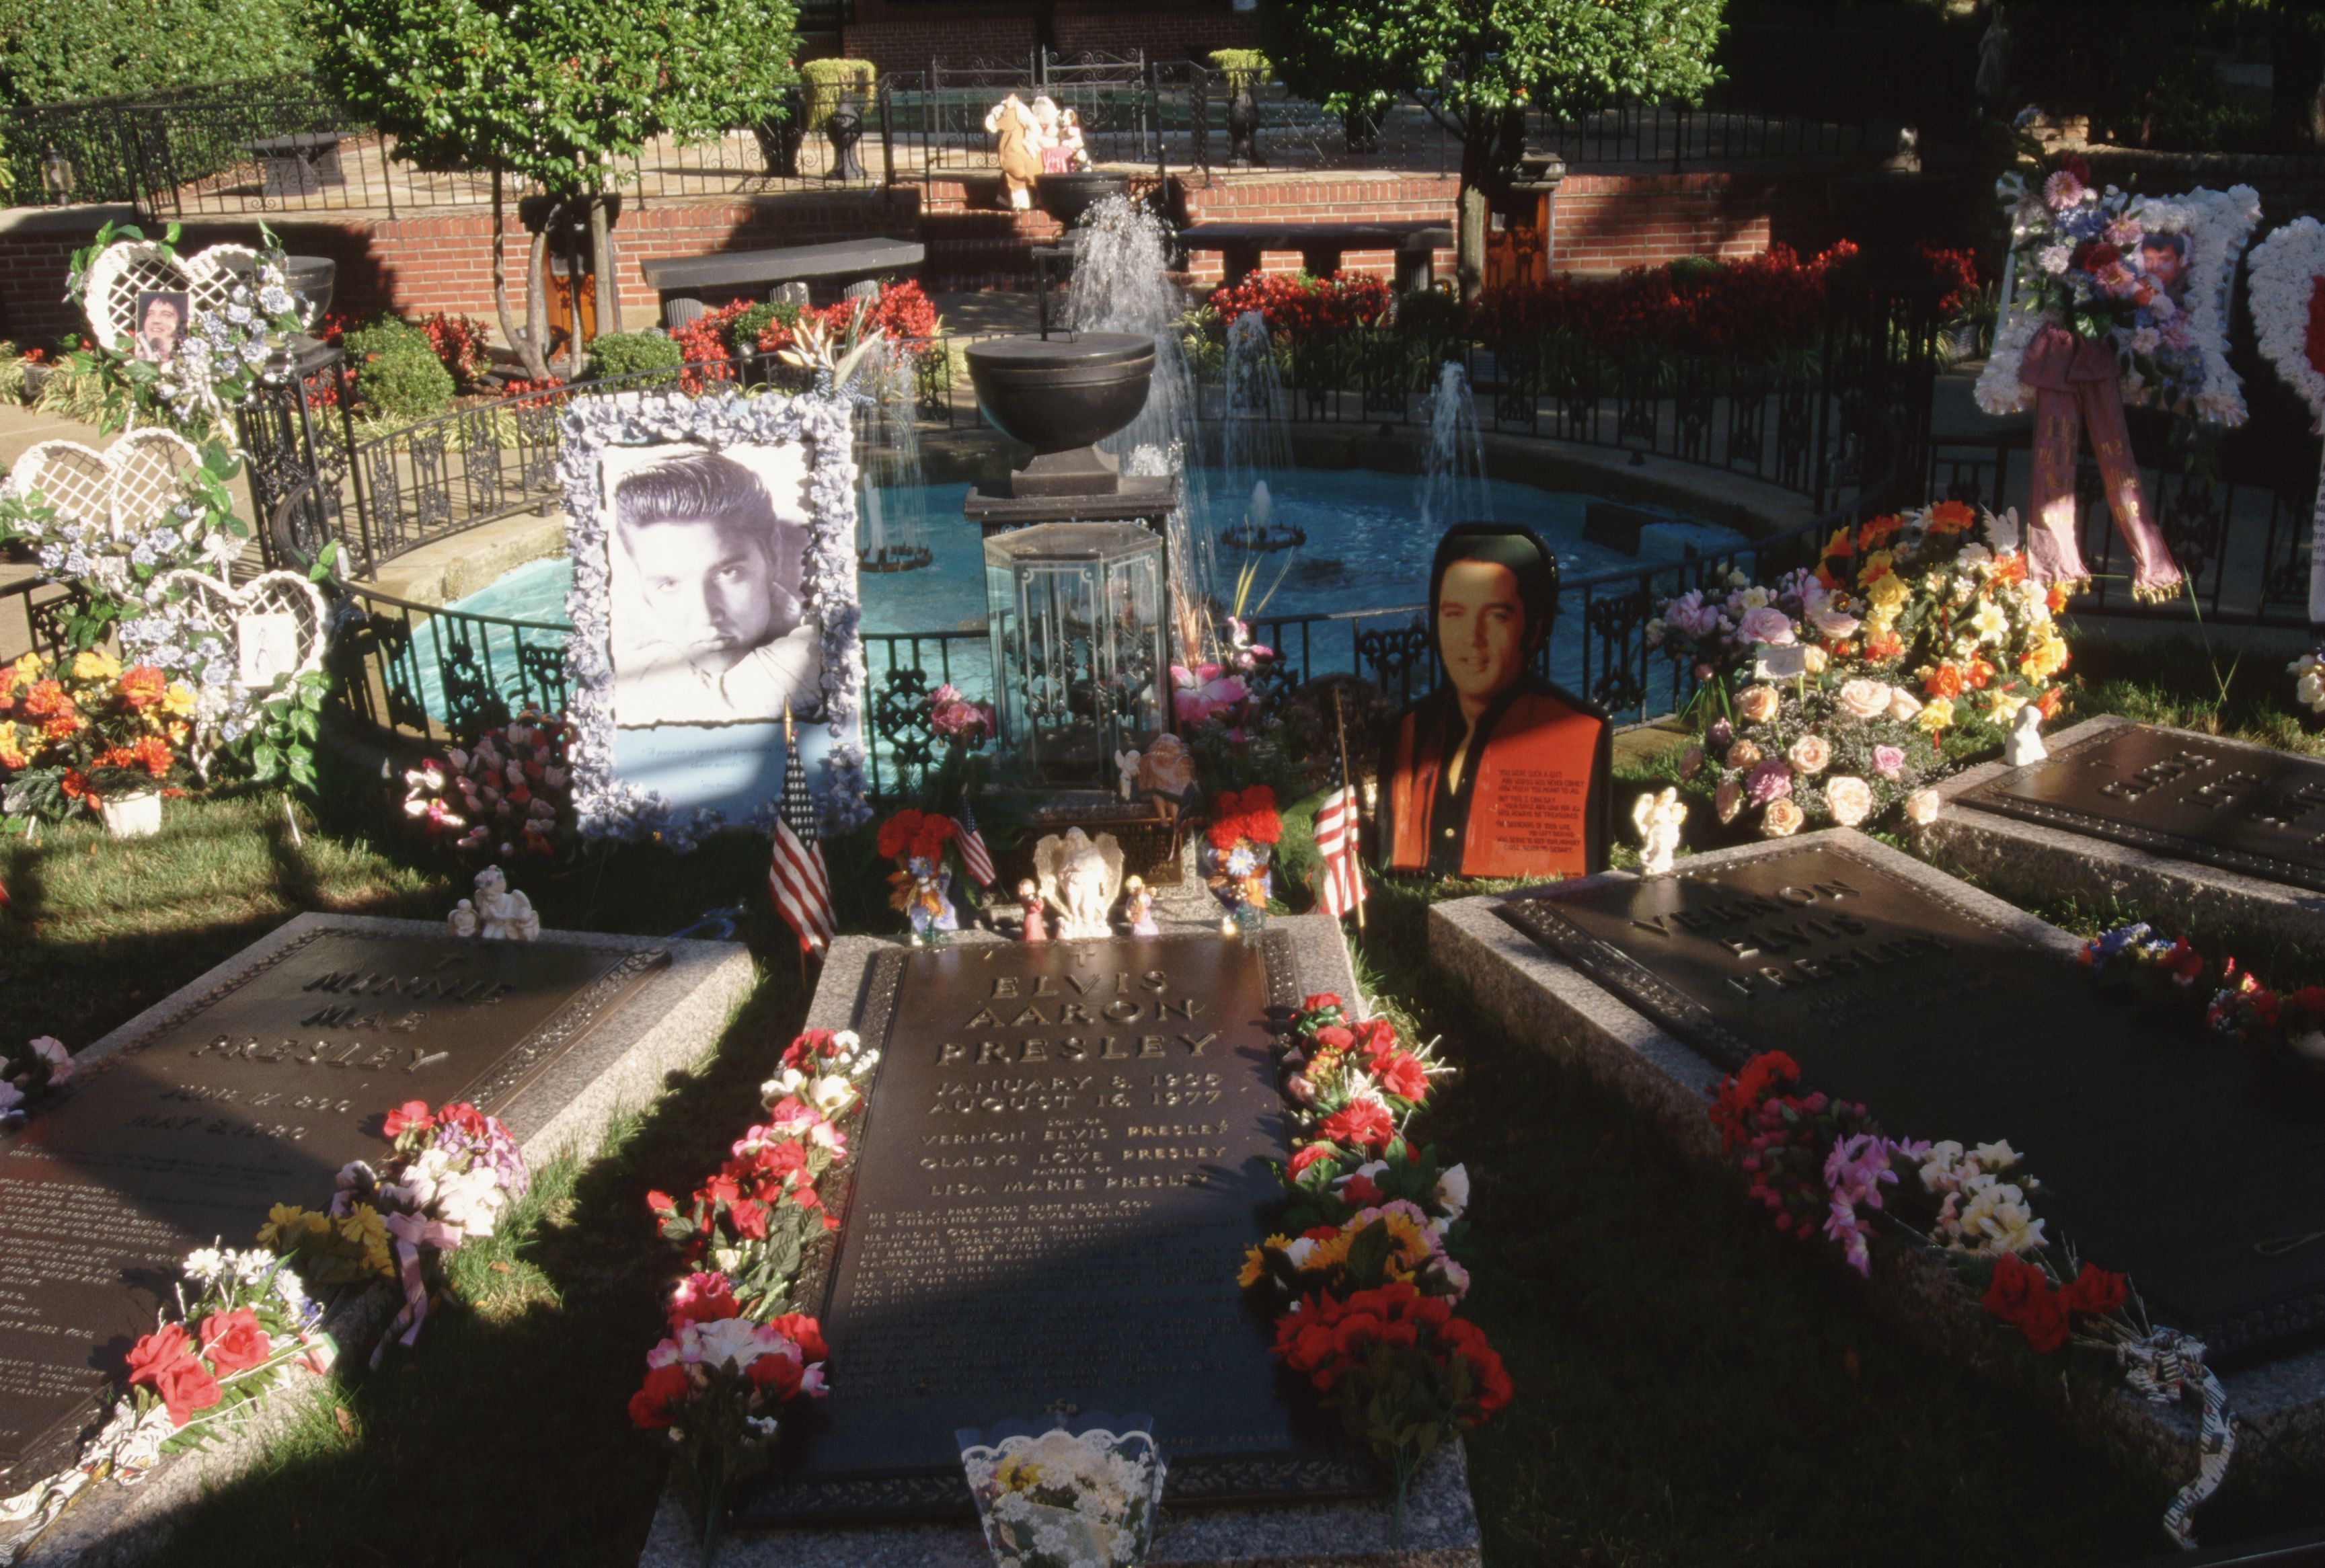 Elvis Presley's grave in the Meditation Garden at Graceland.